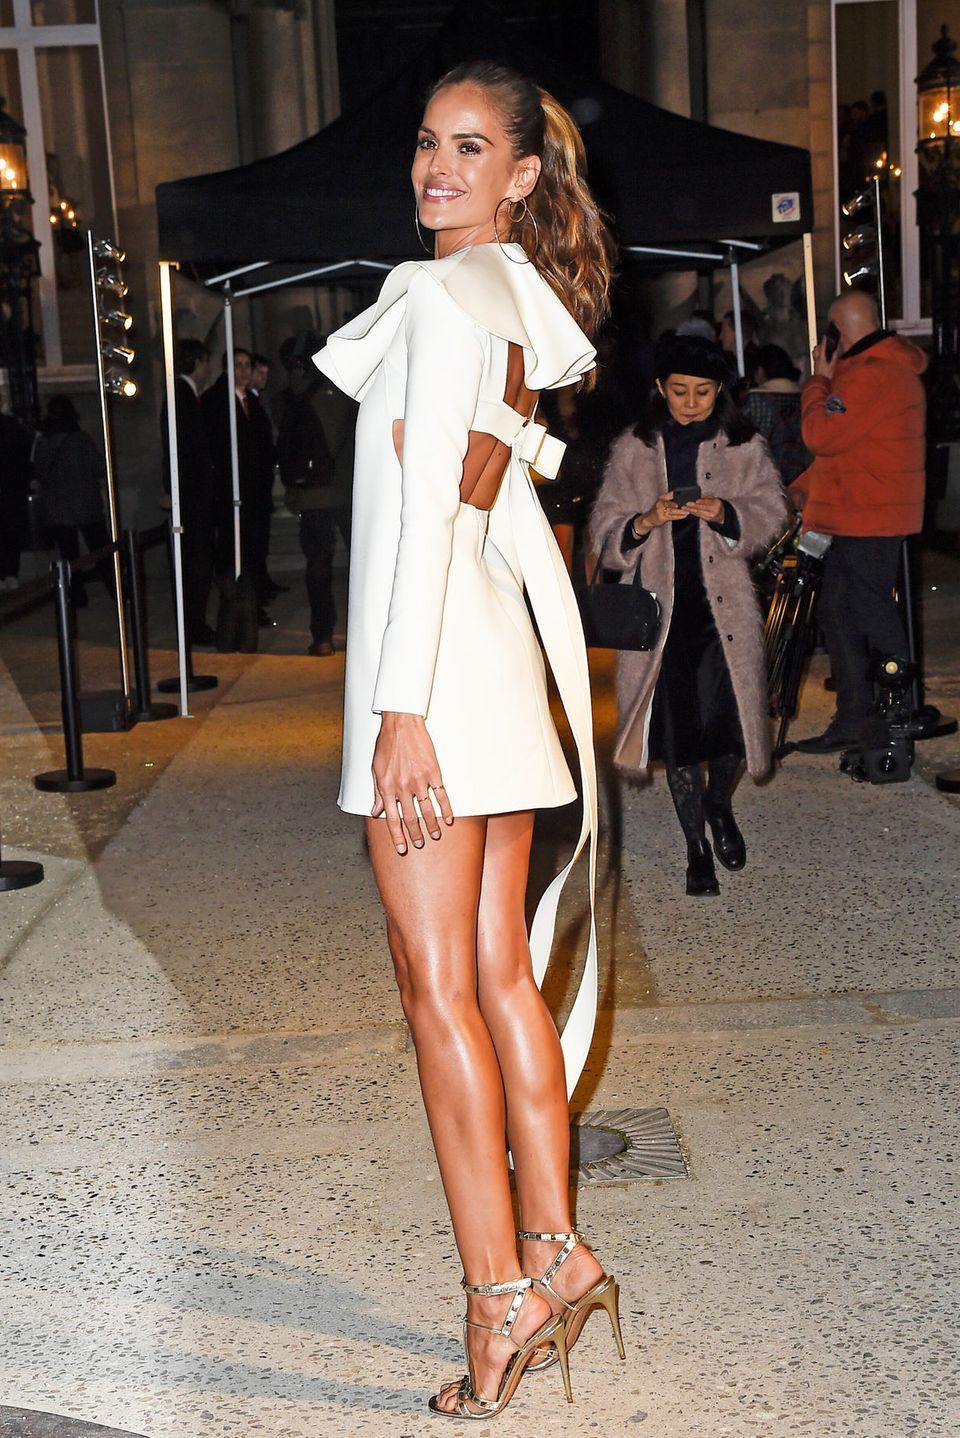 Diesmal nicht auf dem Laufsteg, aber trotzdem strahlend schön: Izabel Goulart bei der Show von Valentino